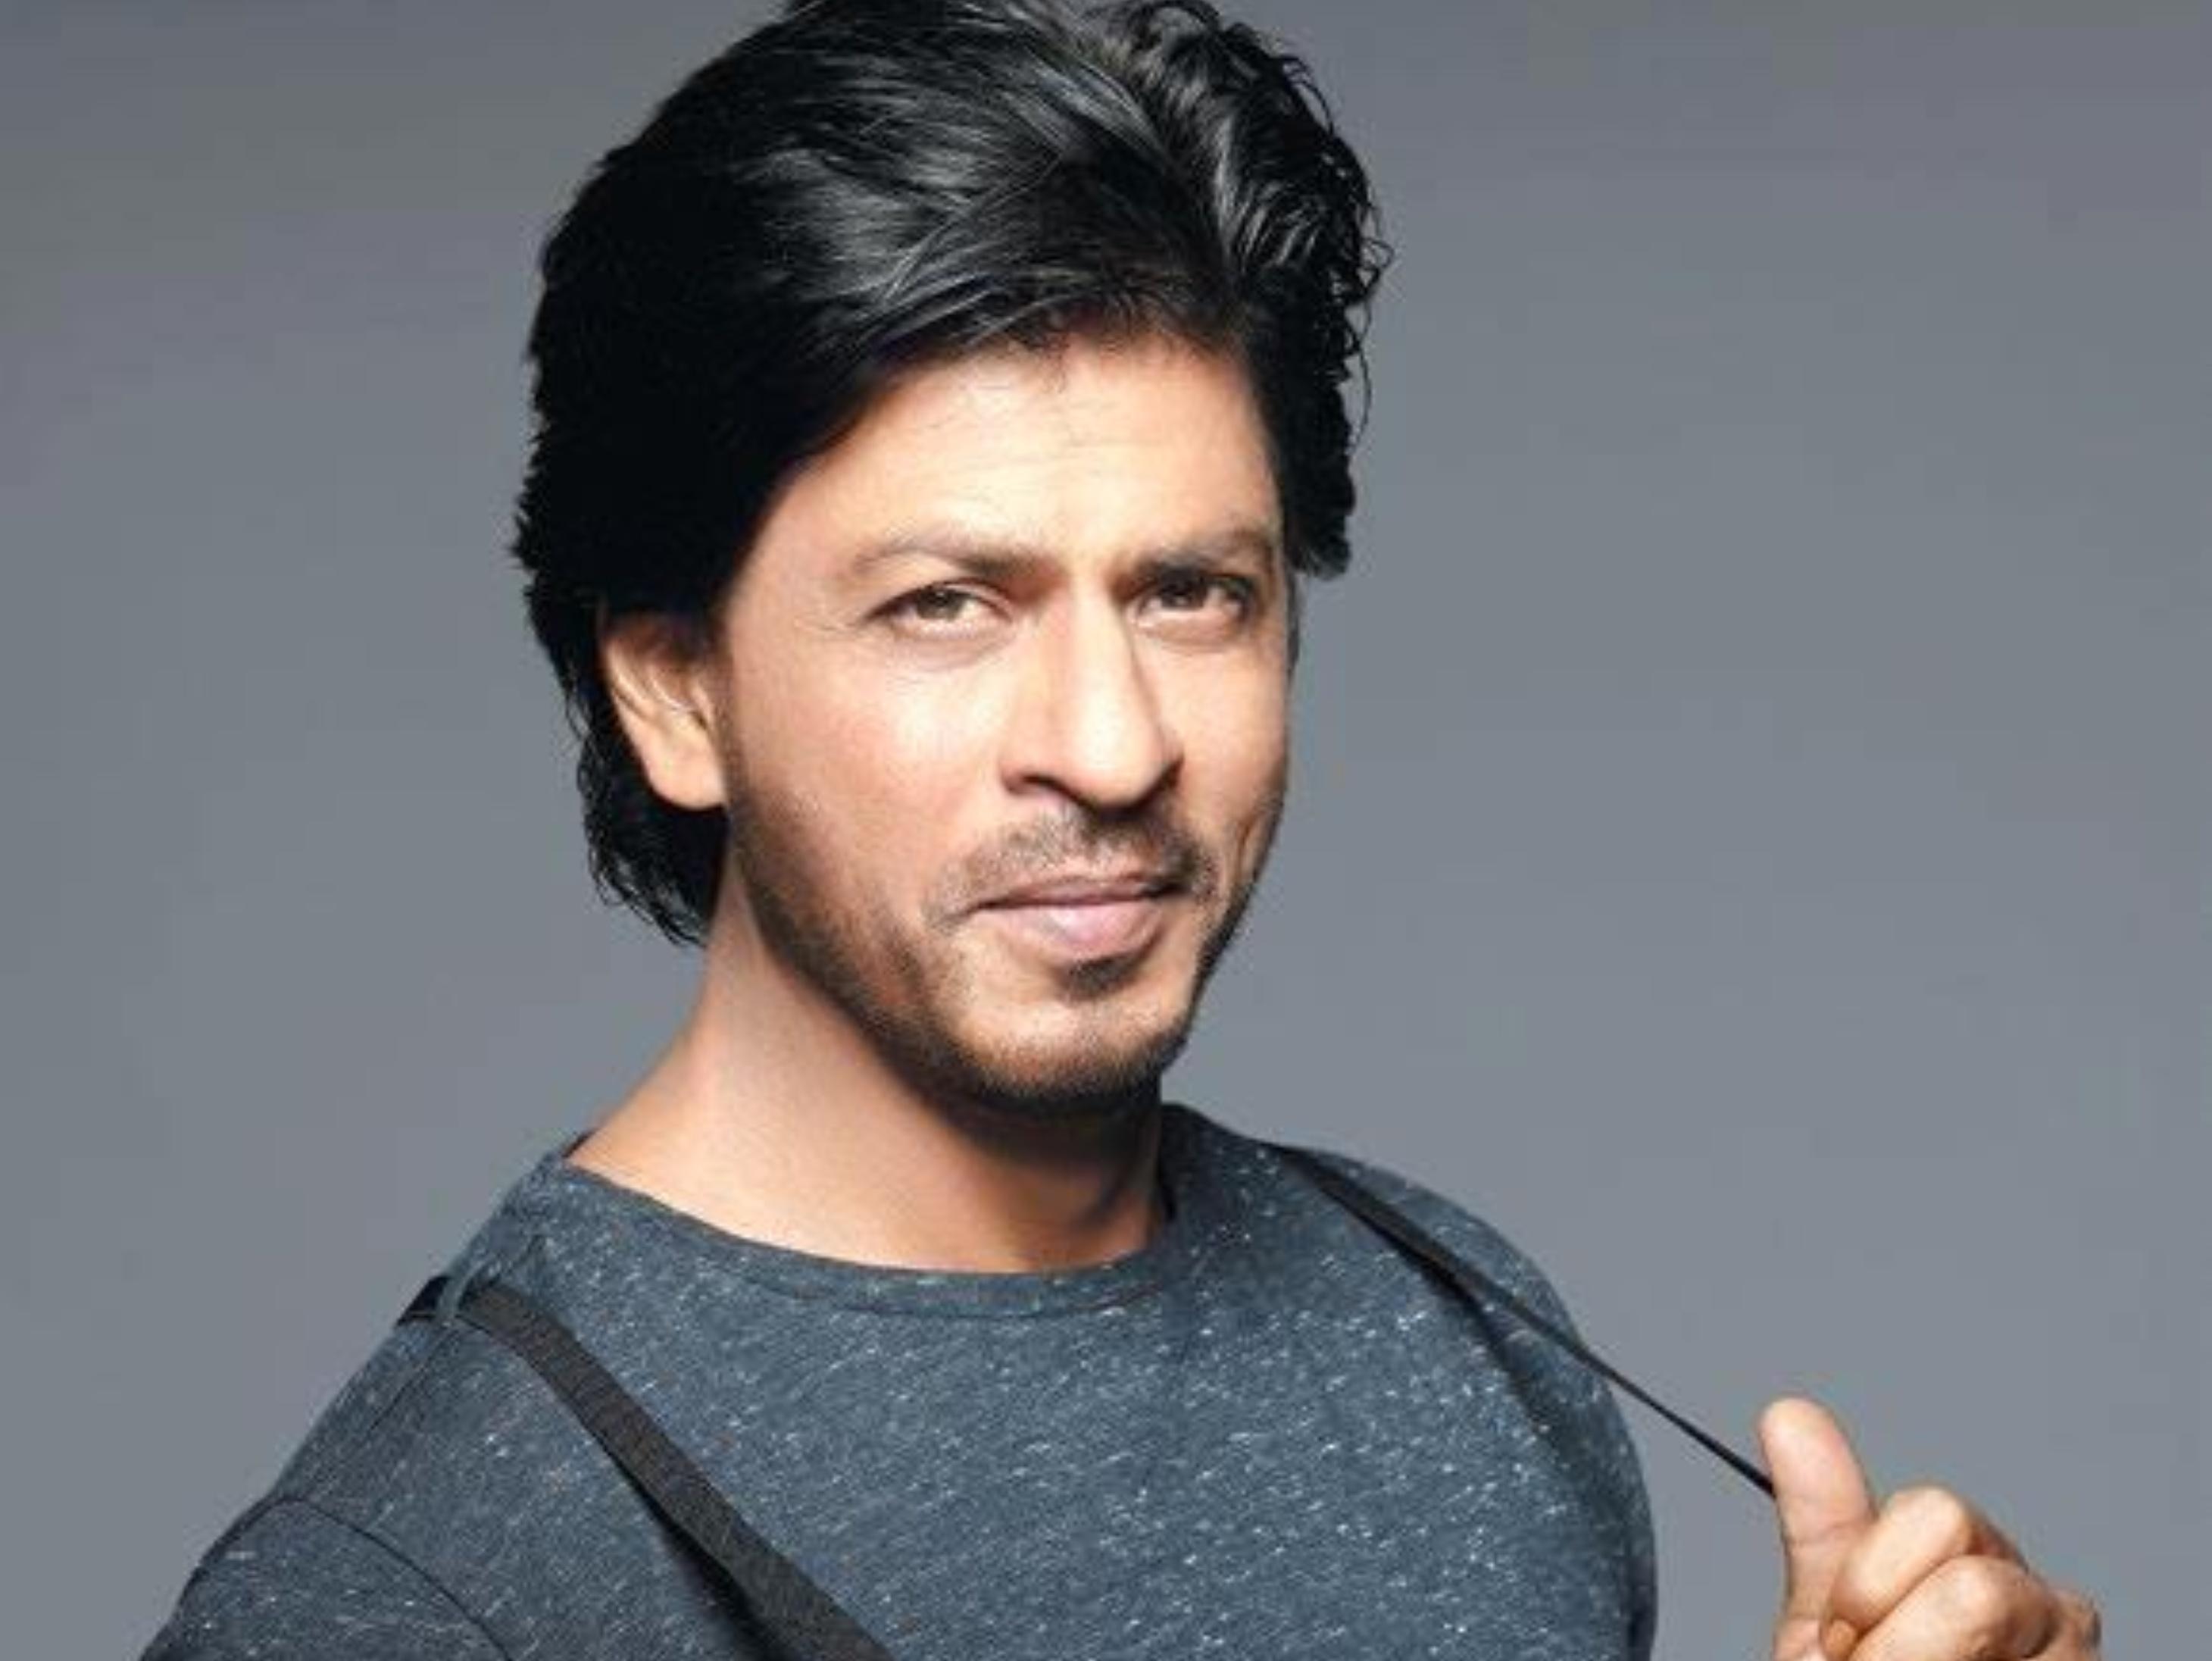 शाहरुख खान होम क्वारैंटाइन, क्रू मेम्बर्स पॉजिटिव होने के बाद रोकी गई पठान की शूटिंग, हालांकि टीम ने कहा ये झूठी खबरें हैं बॉलीवुड,Bollywood - Dainik Bhaskar